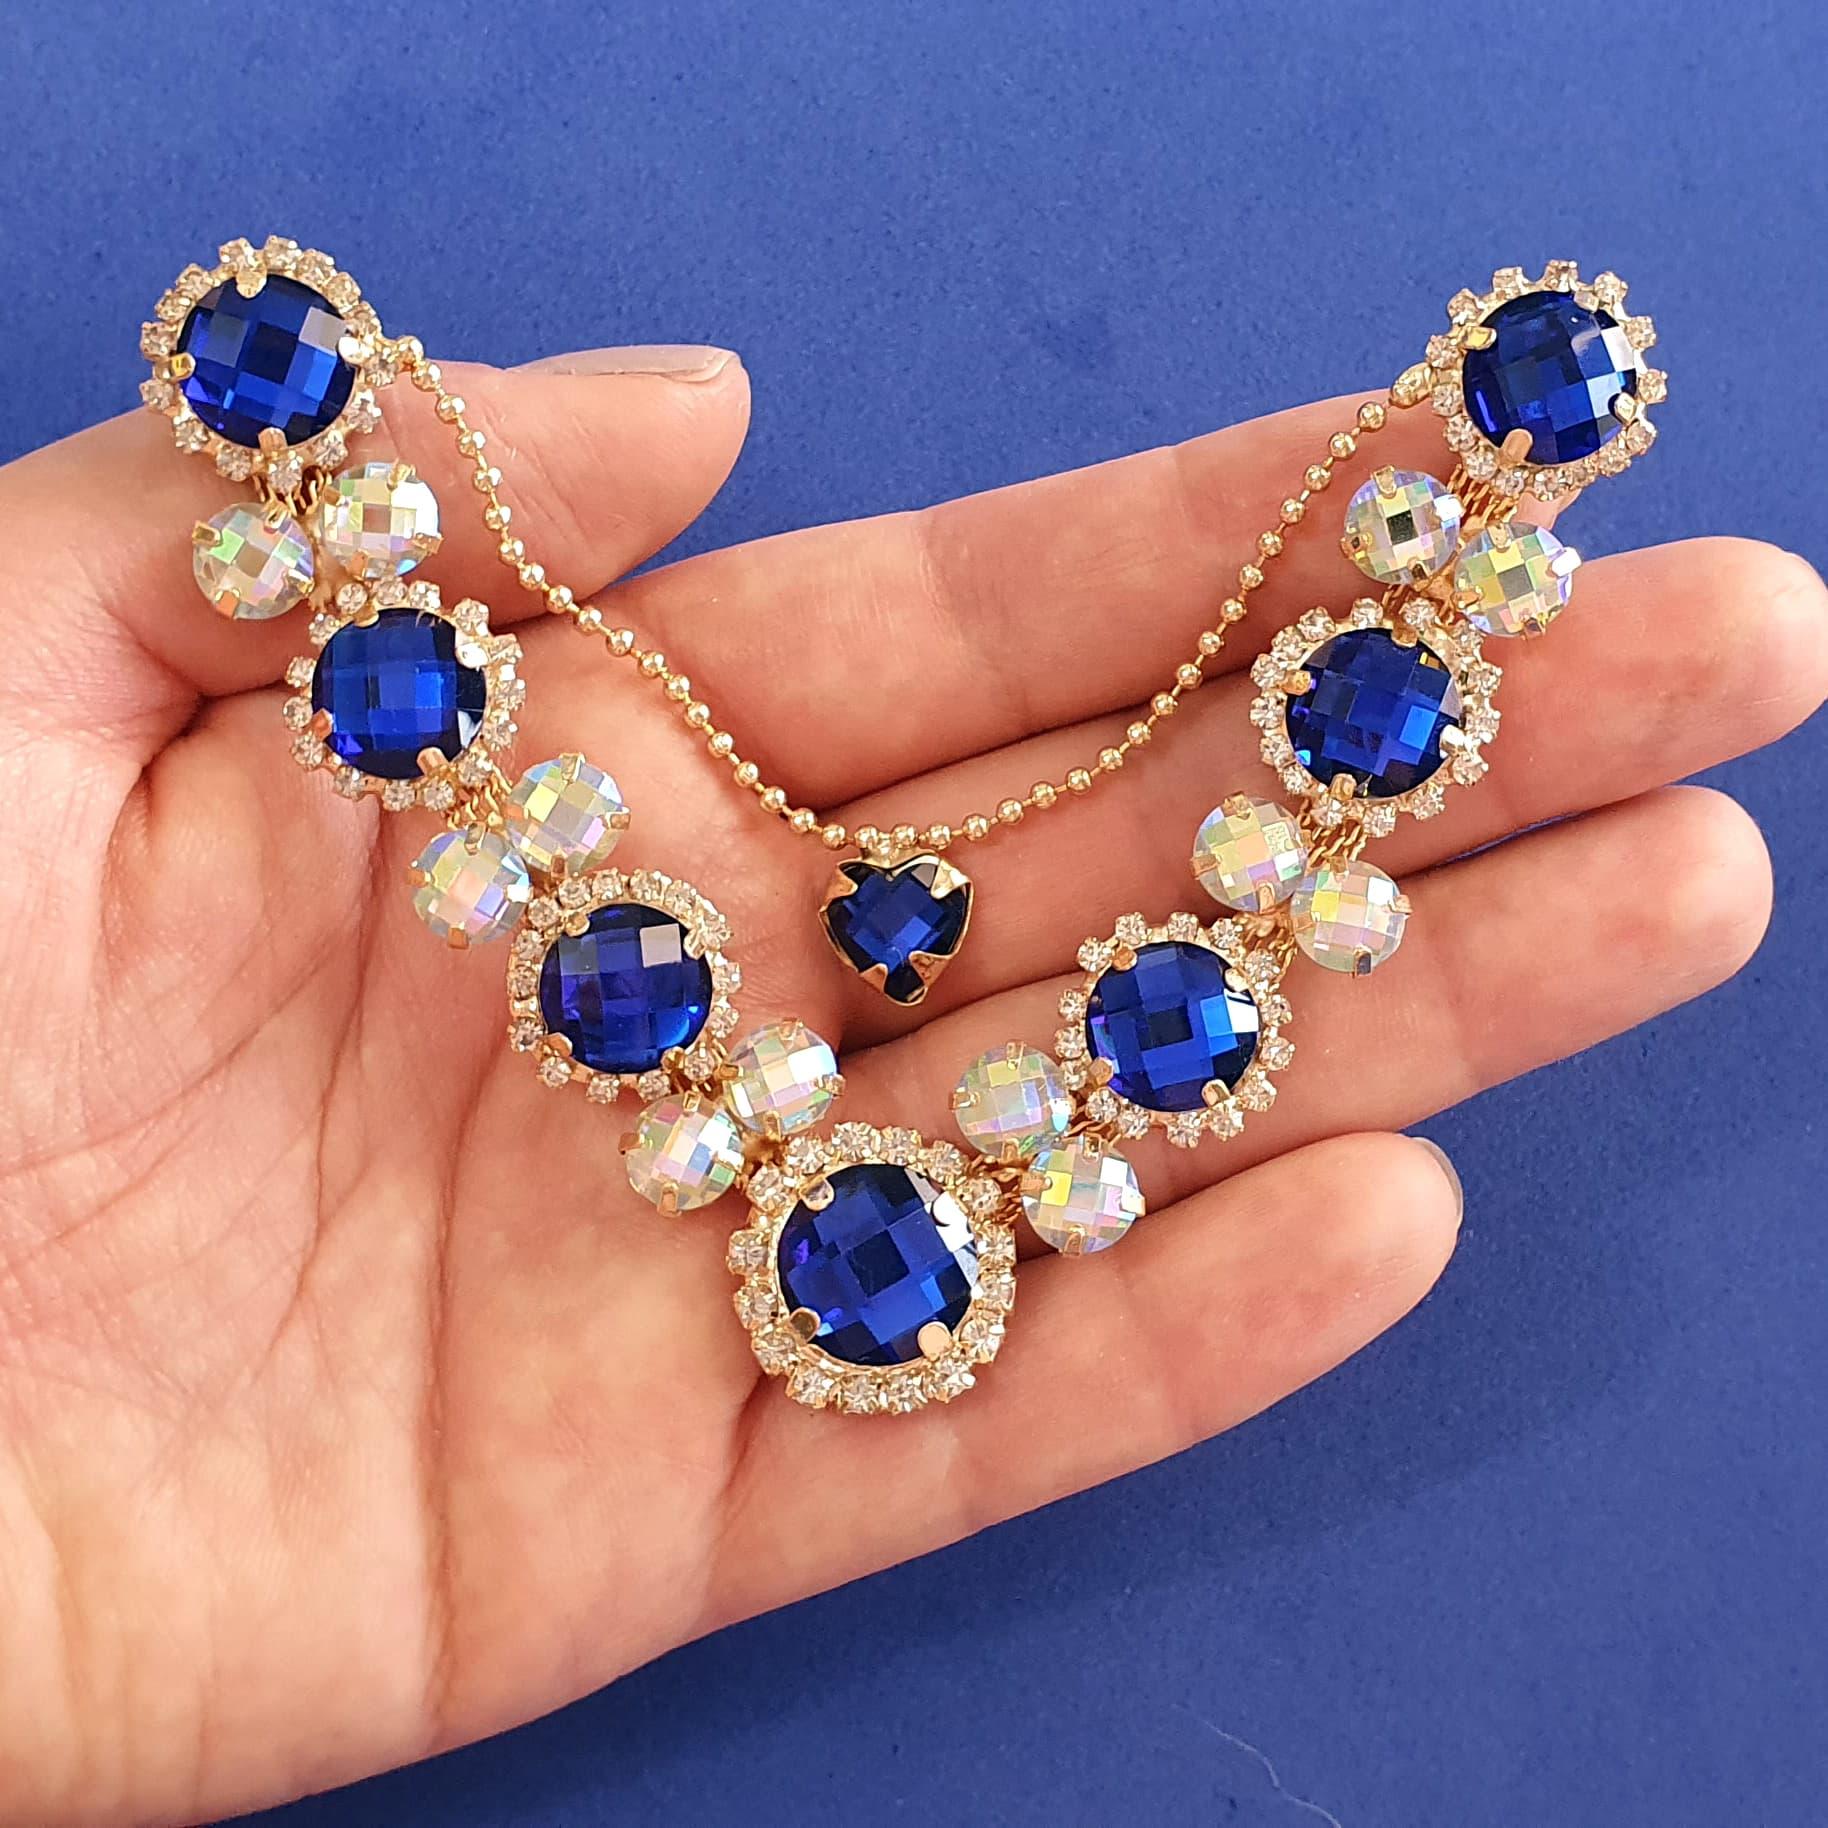 Cabedal Luxo V - Margaridinhas Mesclado (Azul Royal e Furta-Cor)